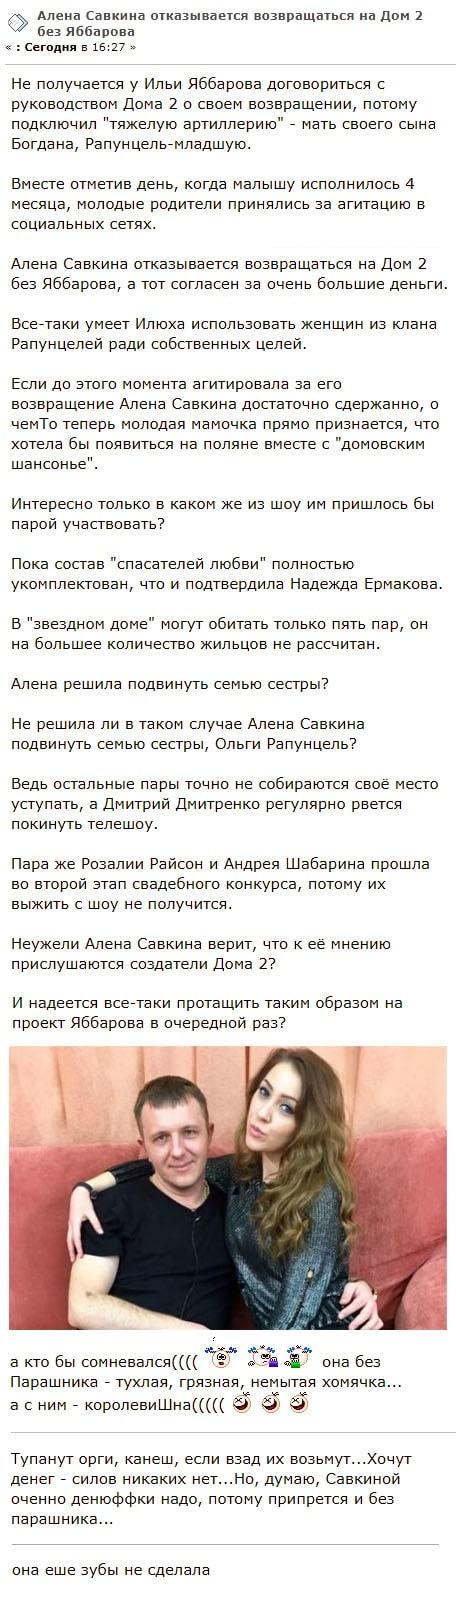 Алена Савкина шантажирует руководство Дома-2